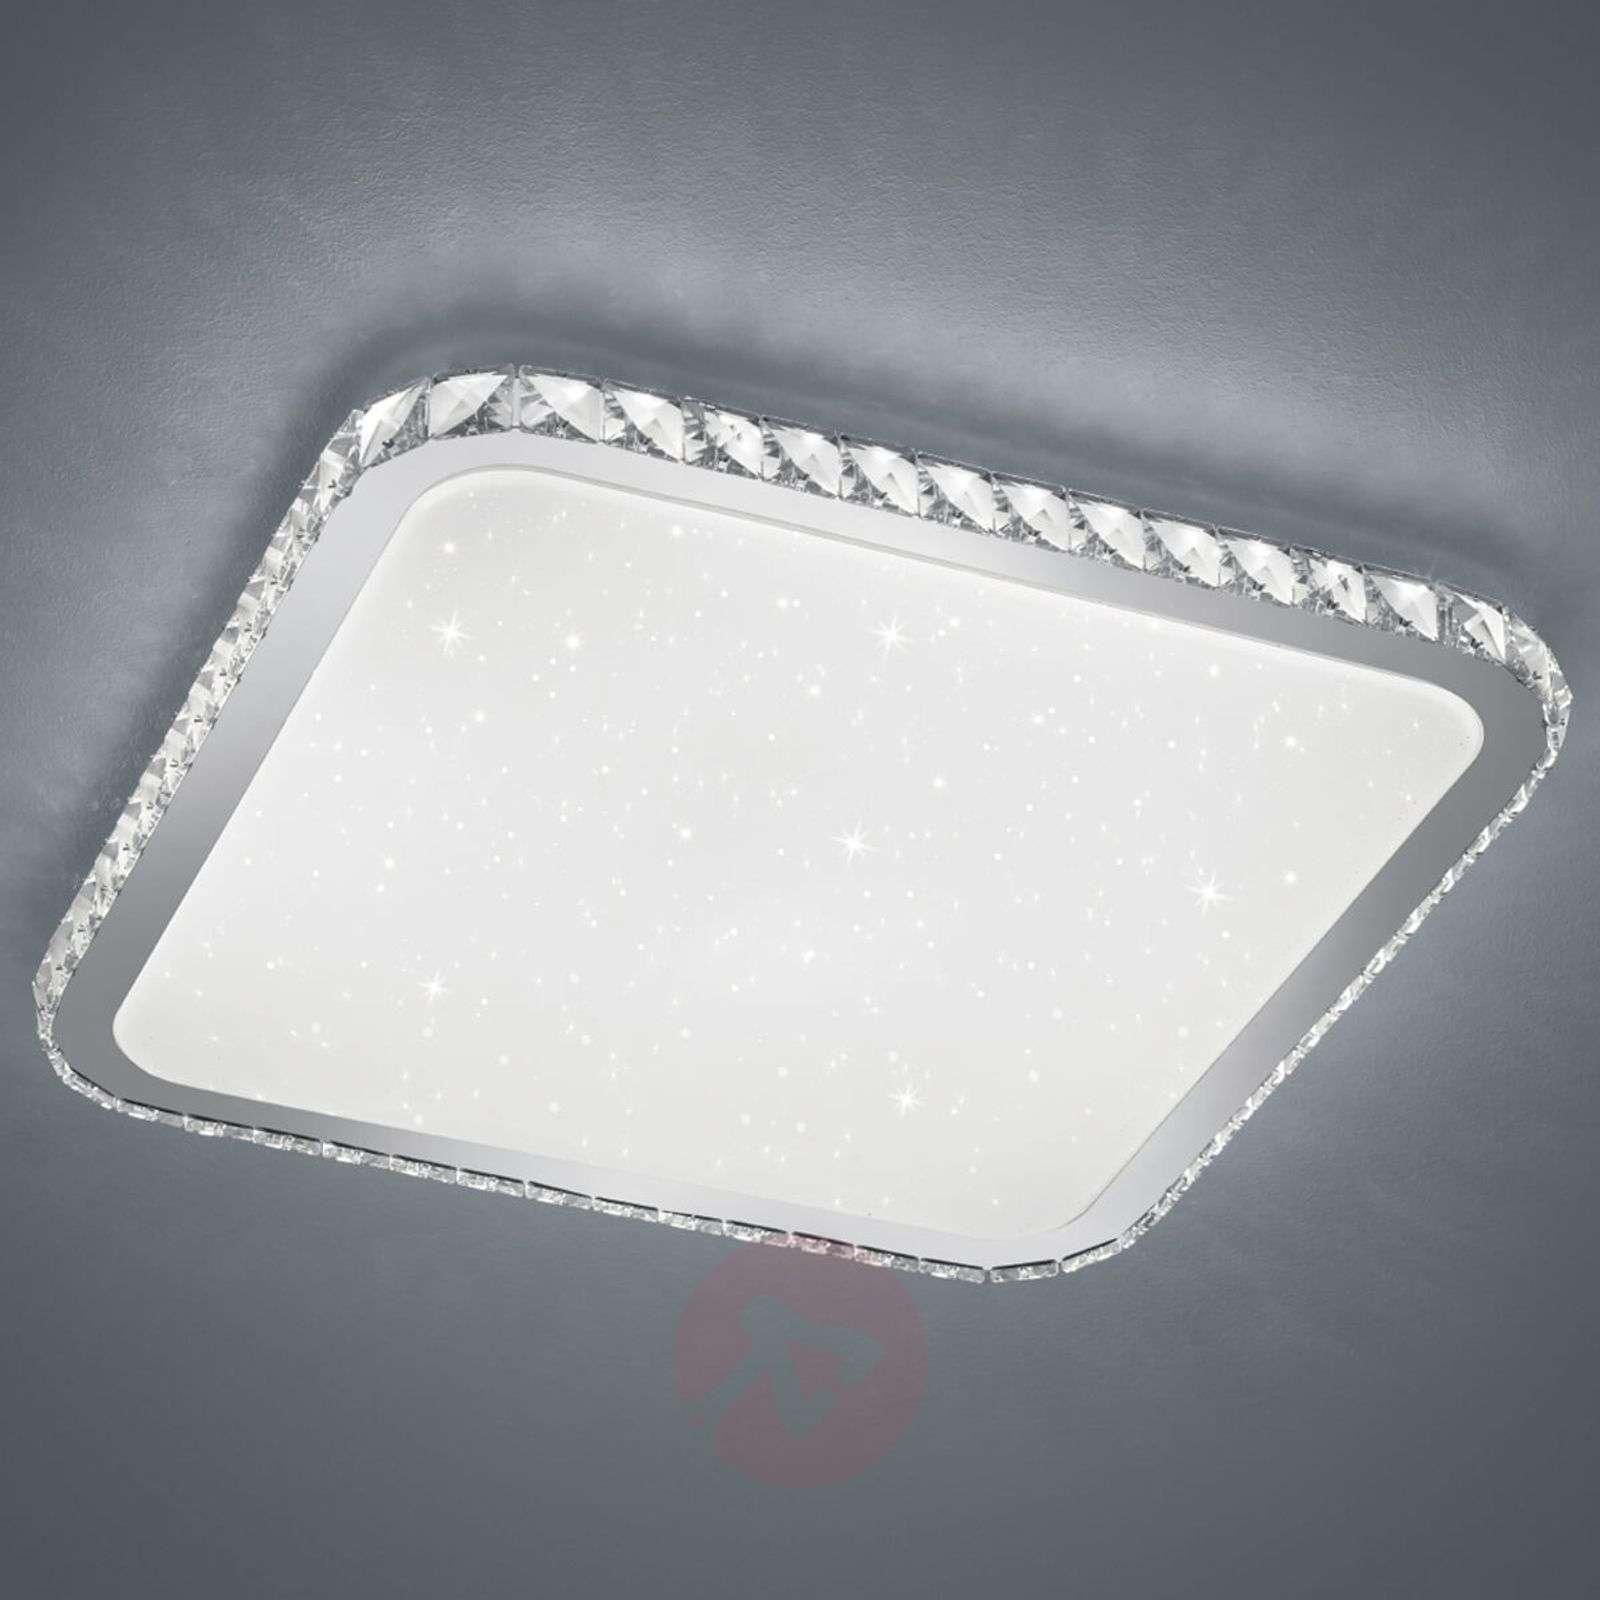 Sapporo LED-kattolamppu mukana kaukosäädin-9005412-01